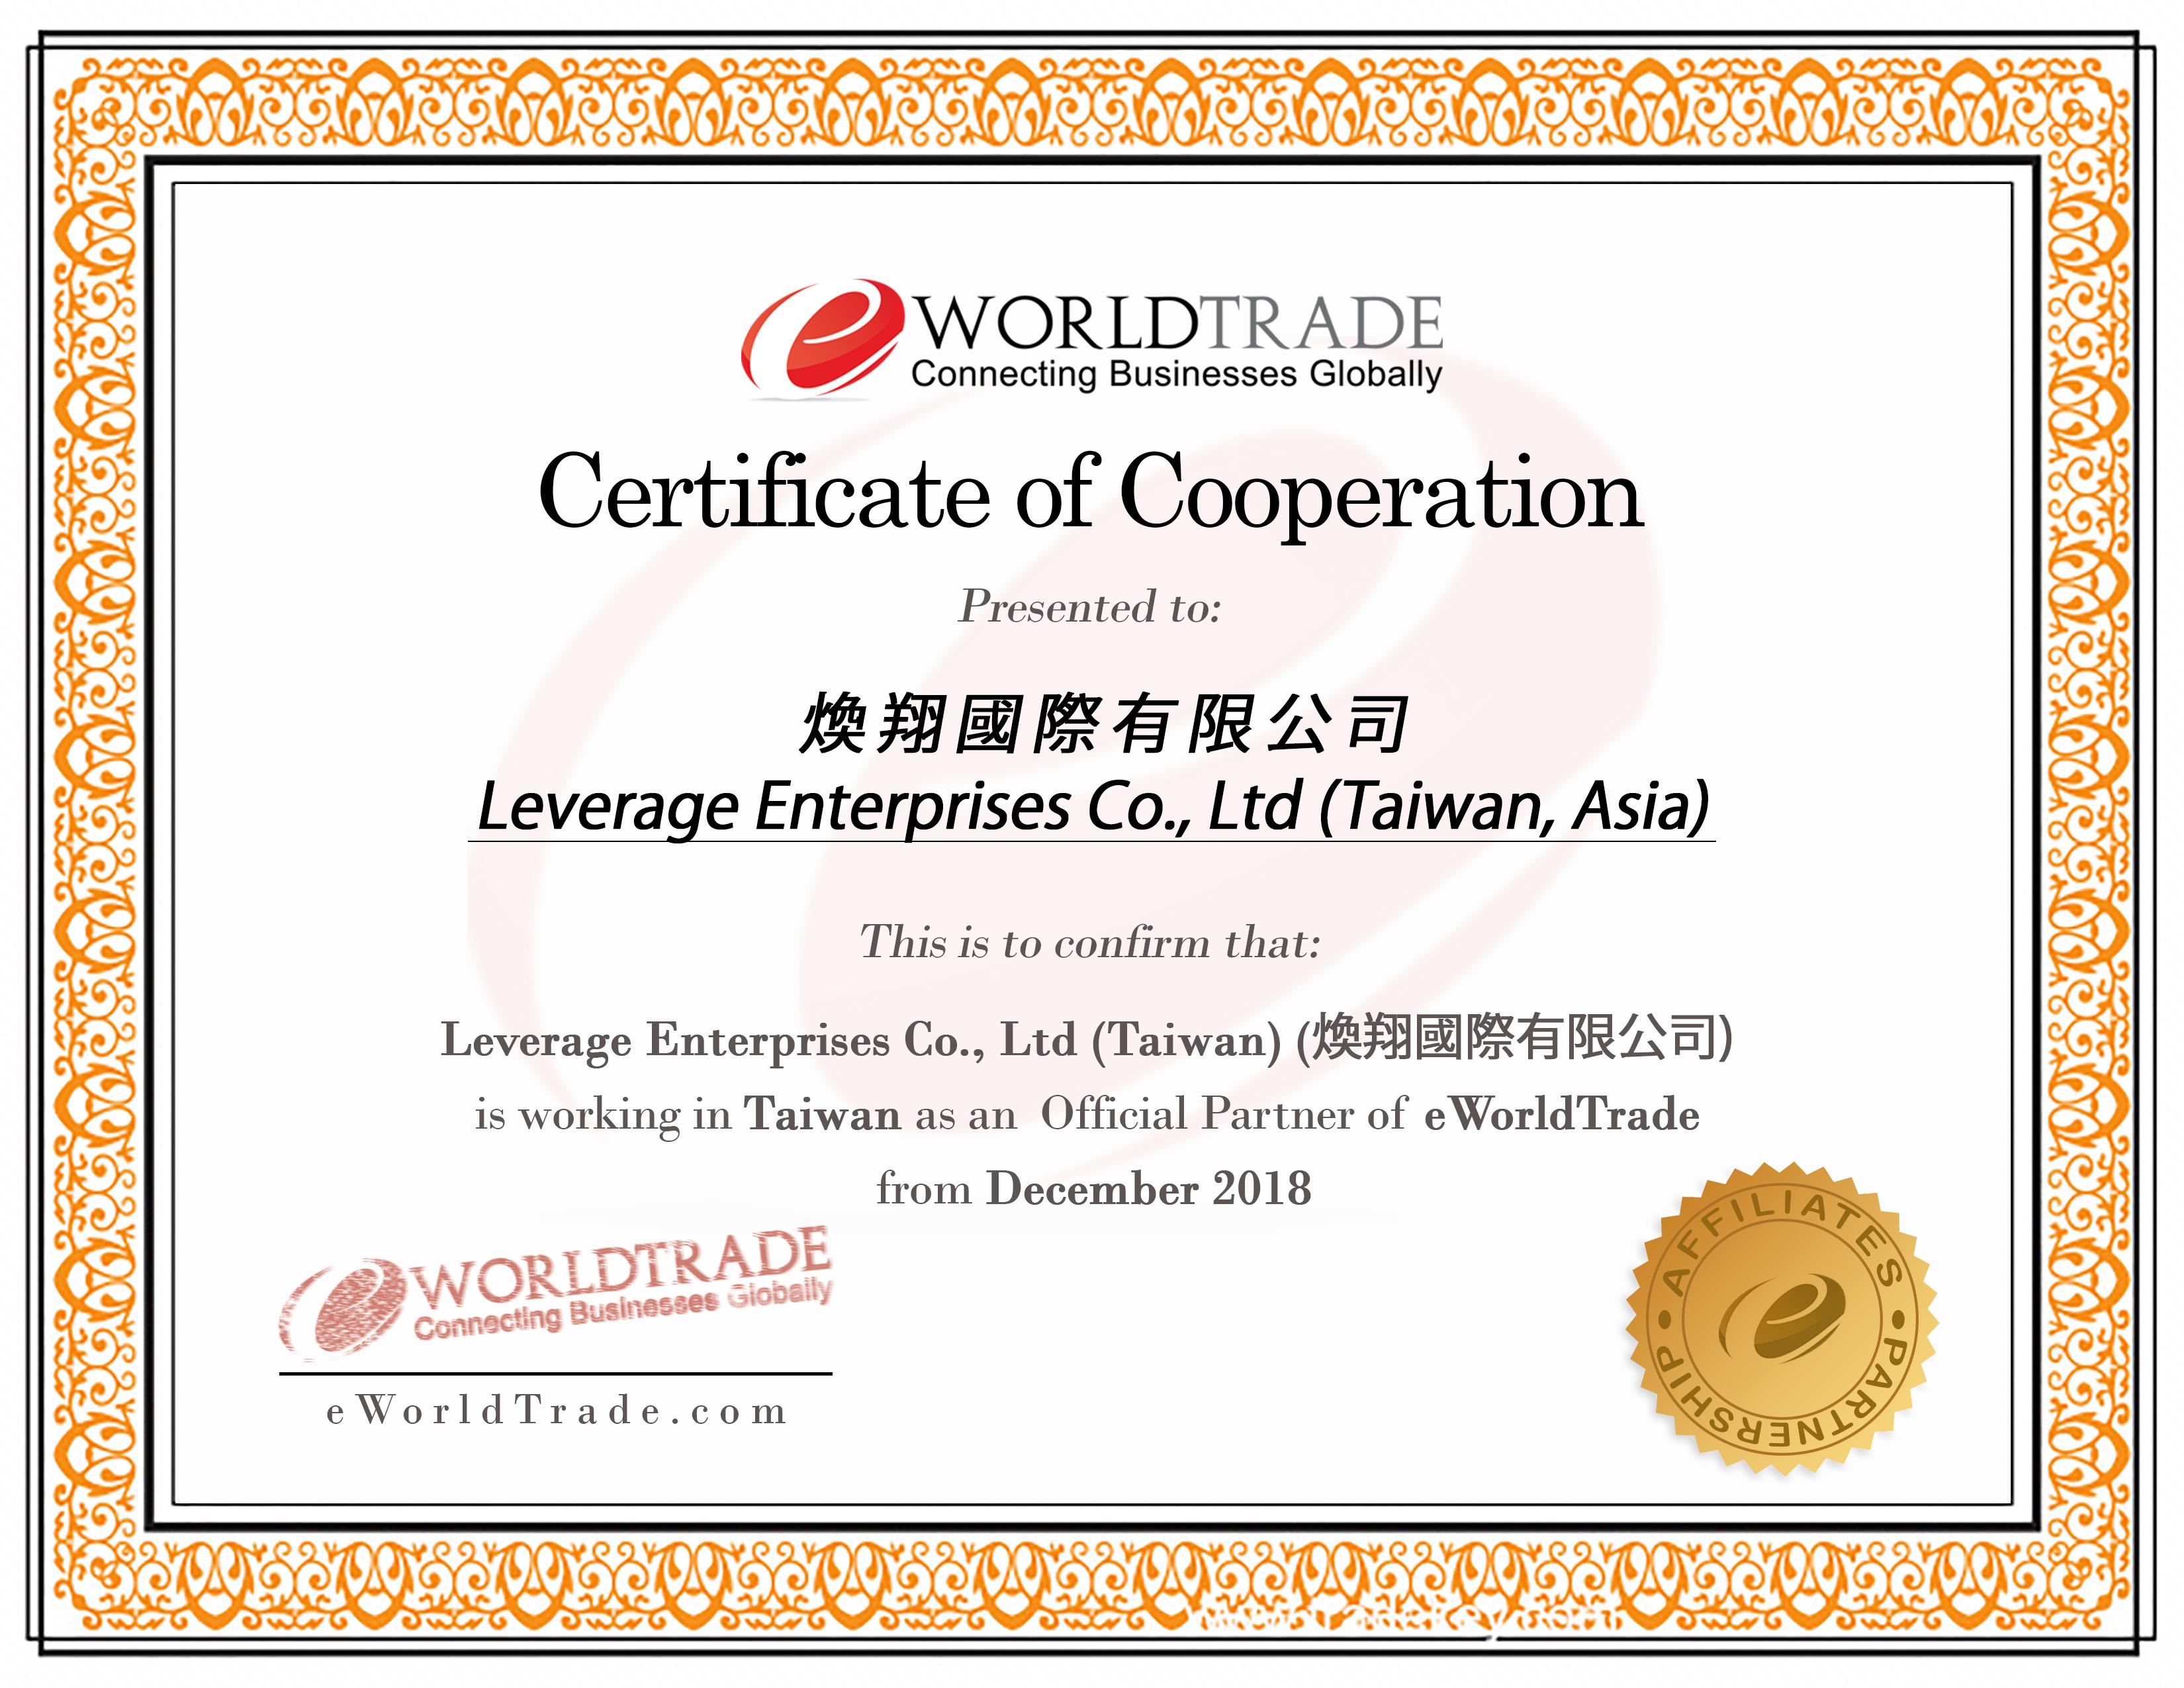 Leverage Enterprises Co